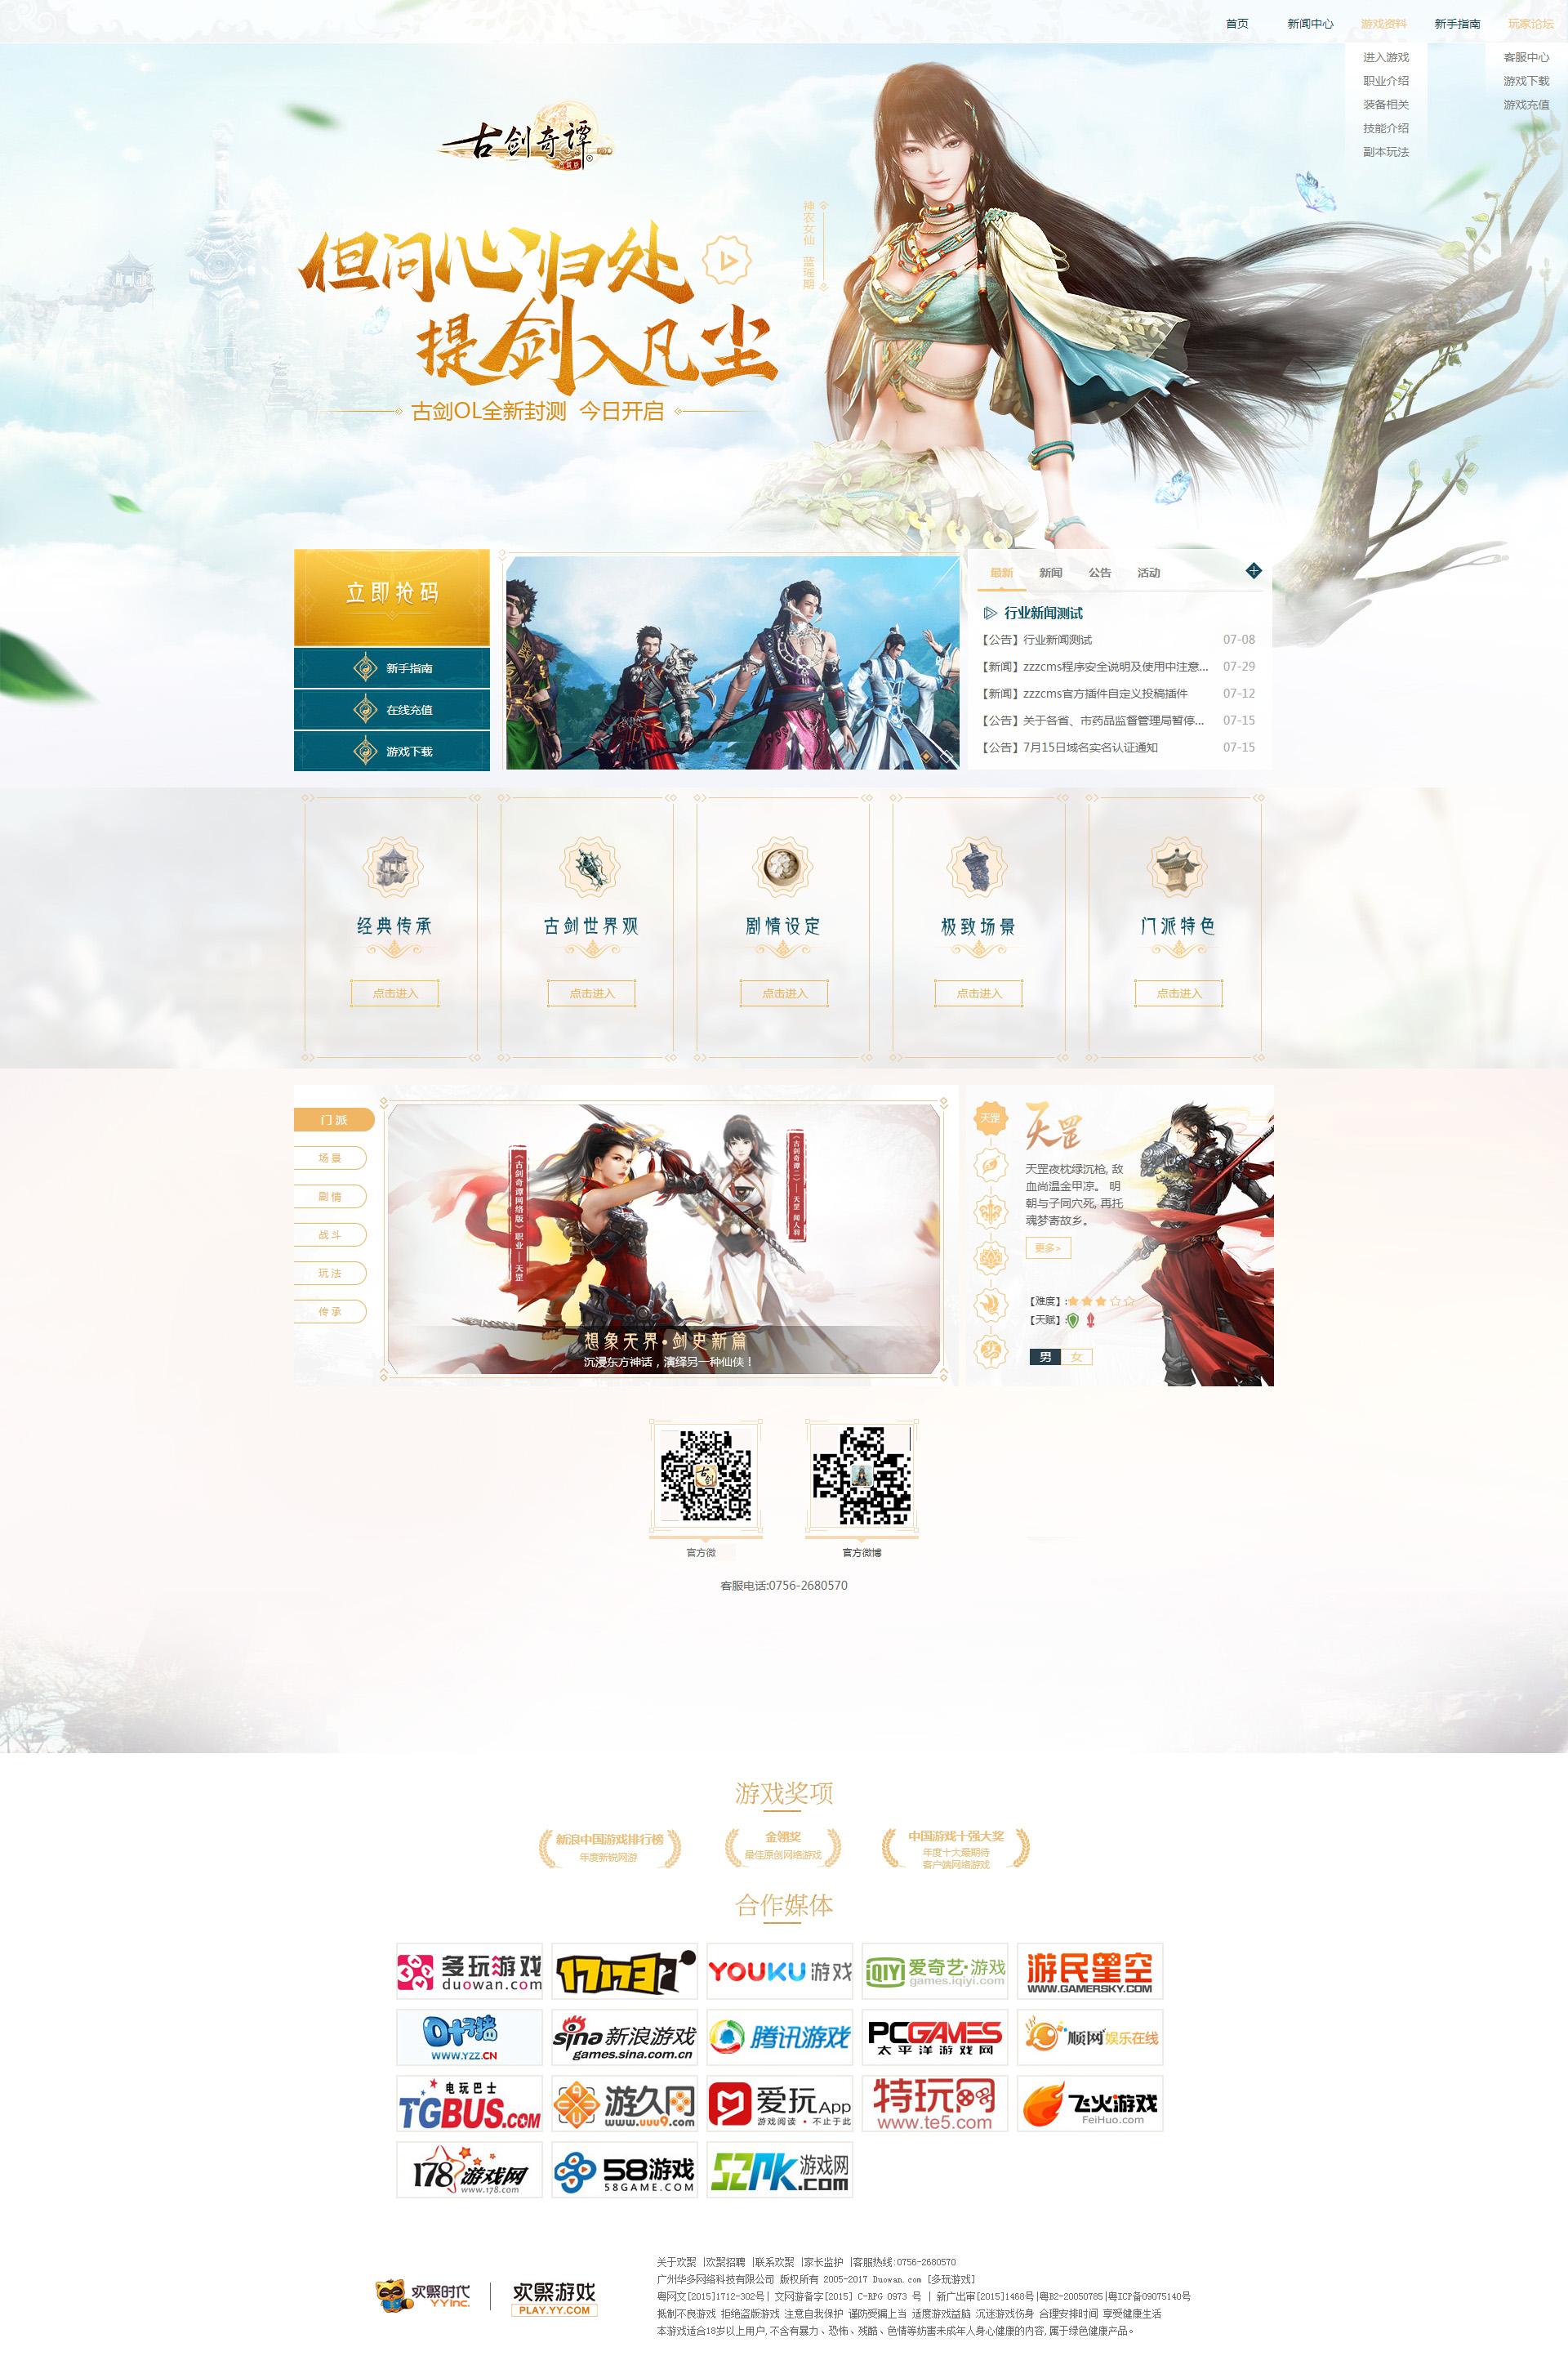 古剑奇谭网络版 网站模版源码 游戏魔域ASP神途传奇世界官网